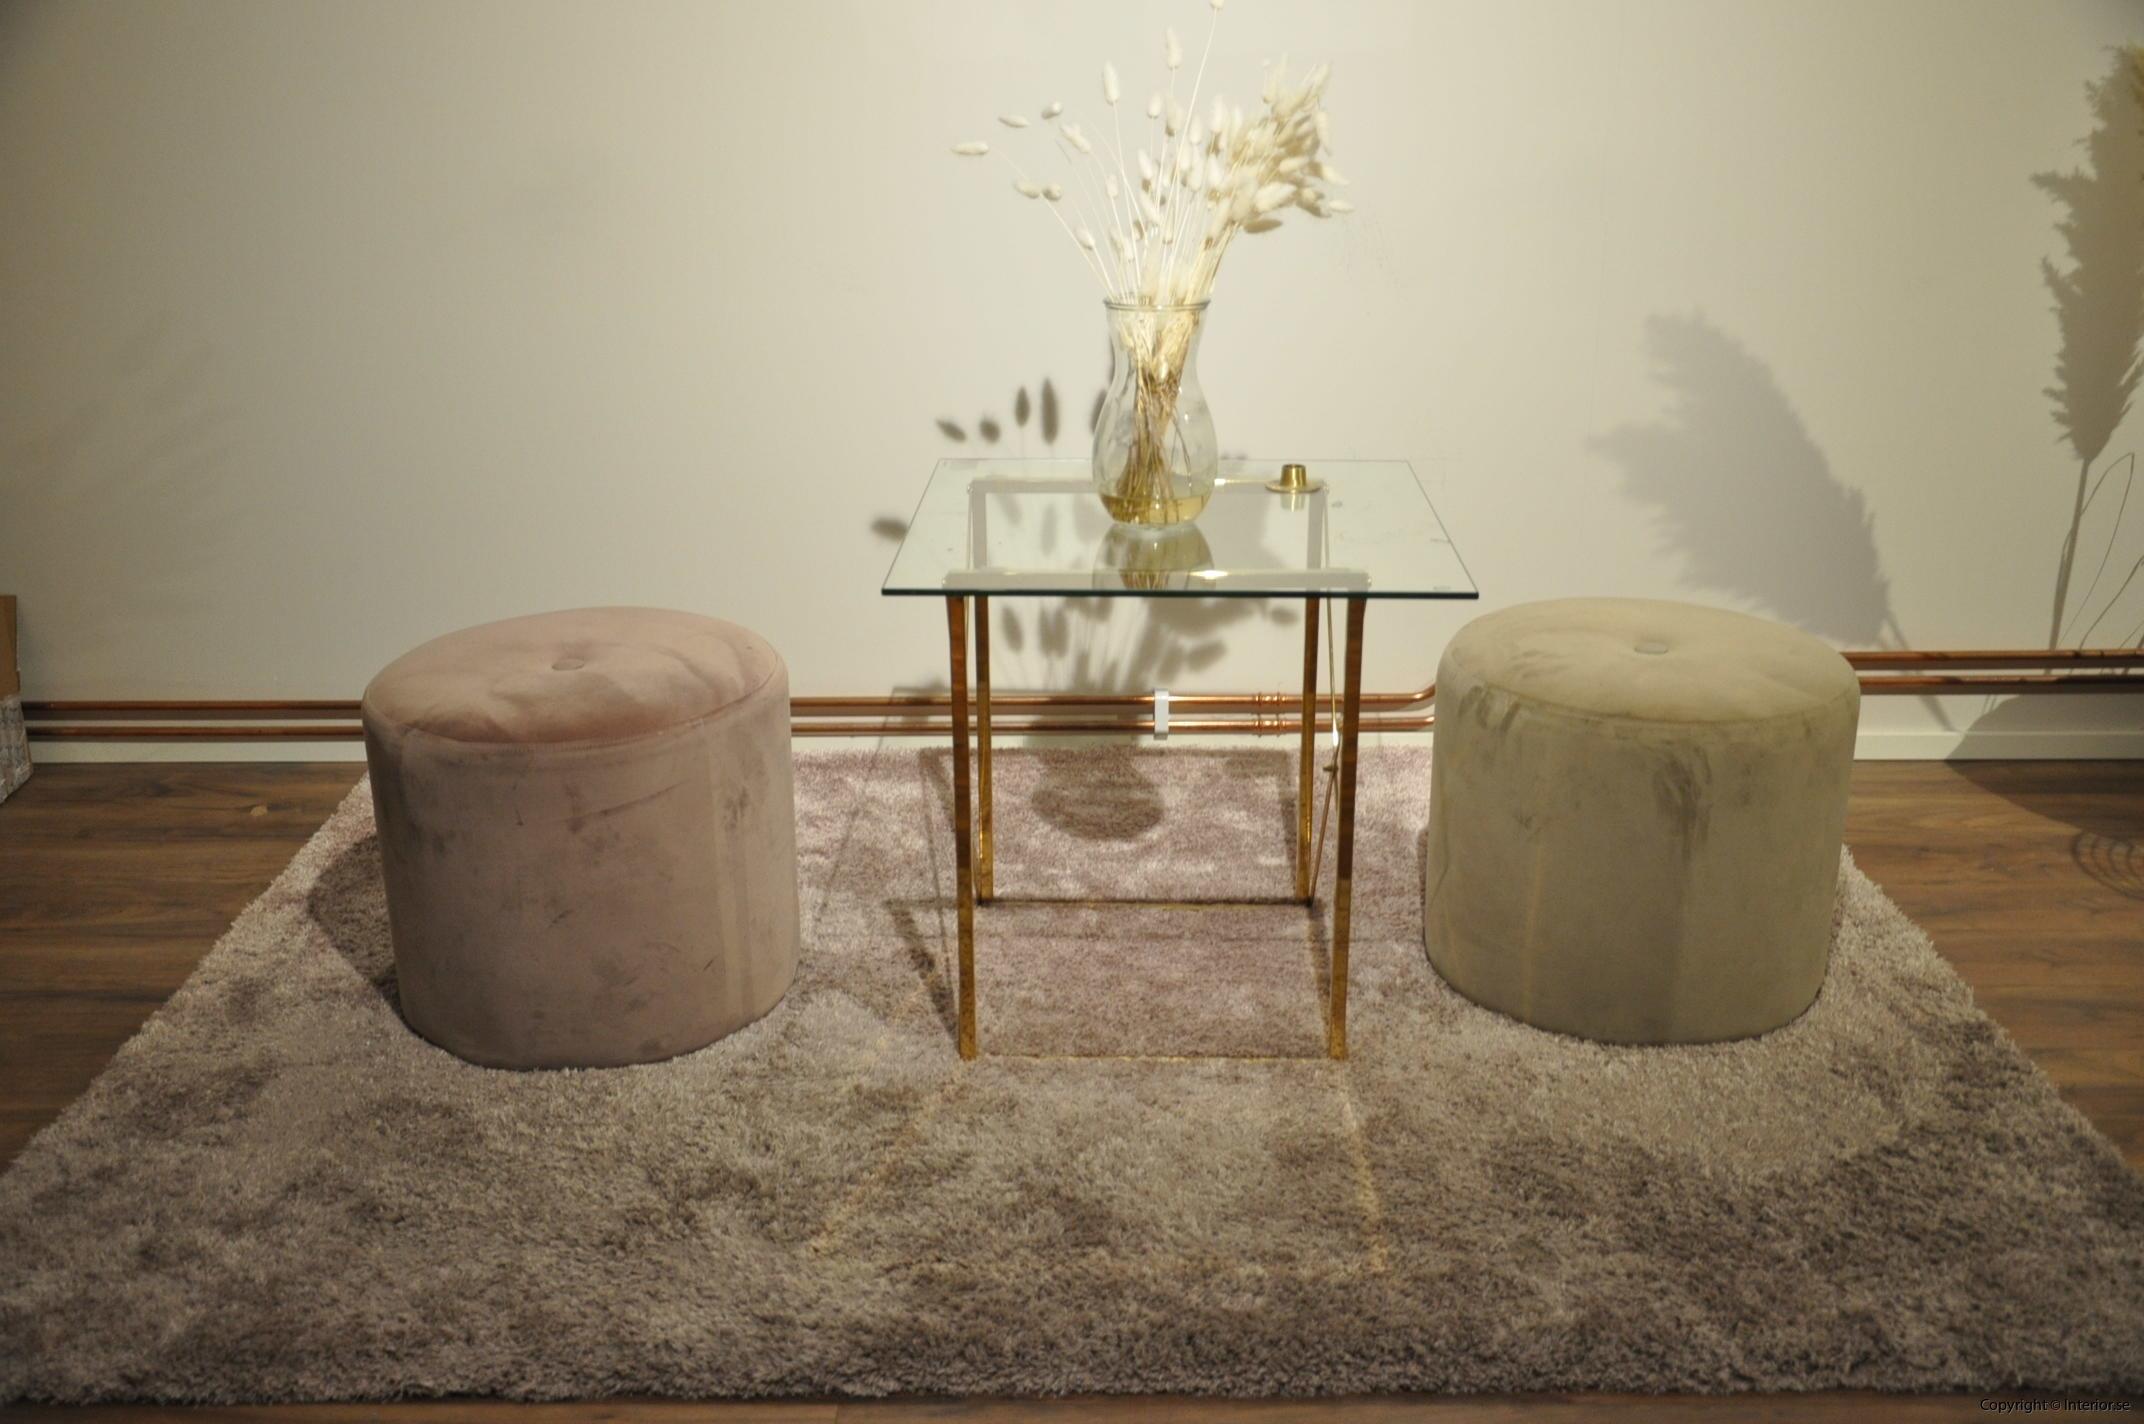 möbelgrupp designmöbler begagnade mässing glas